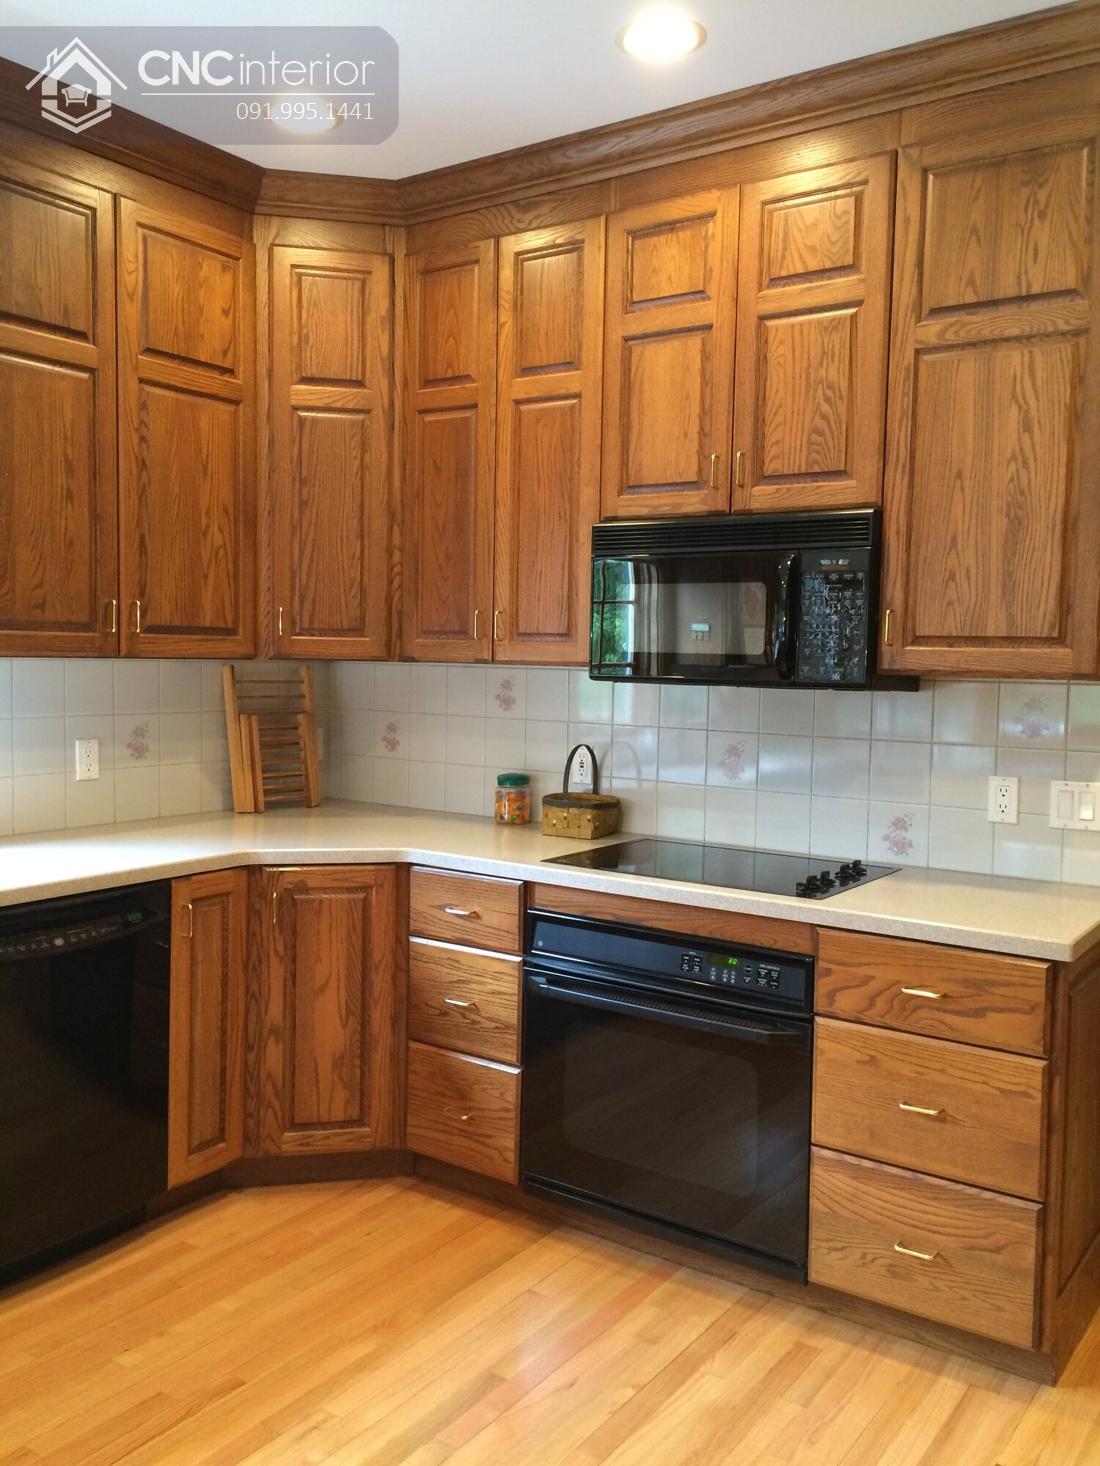 tủ bếp treo tường bằng gỗ 4